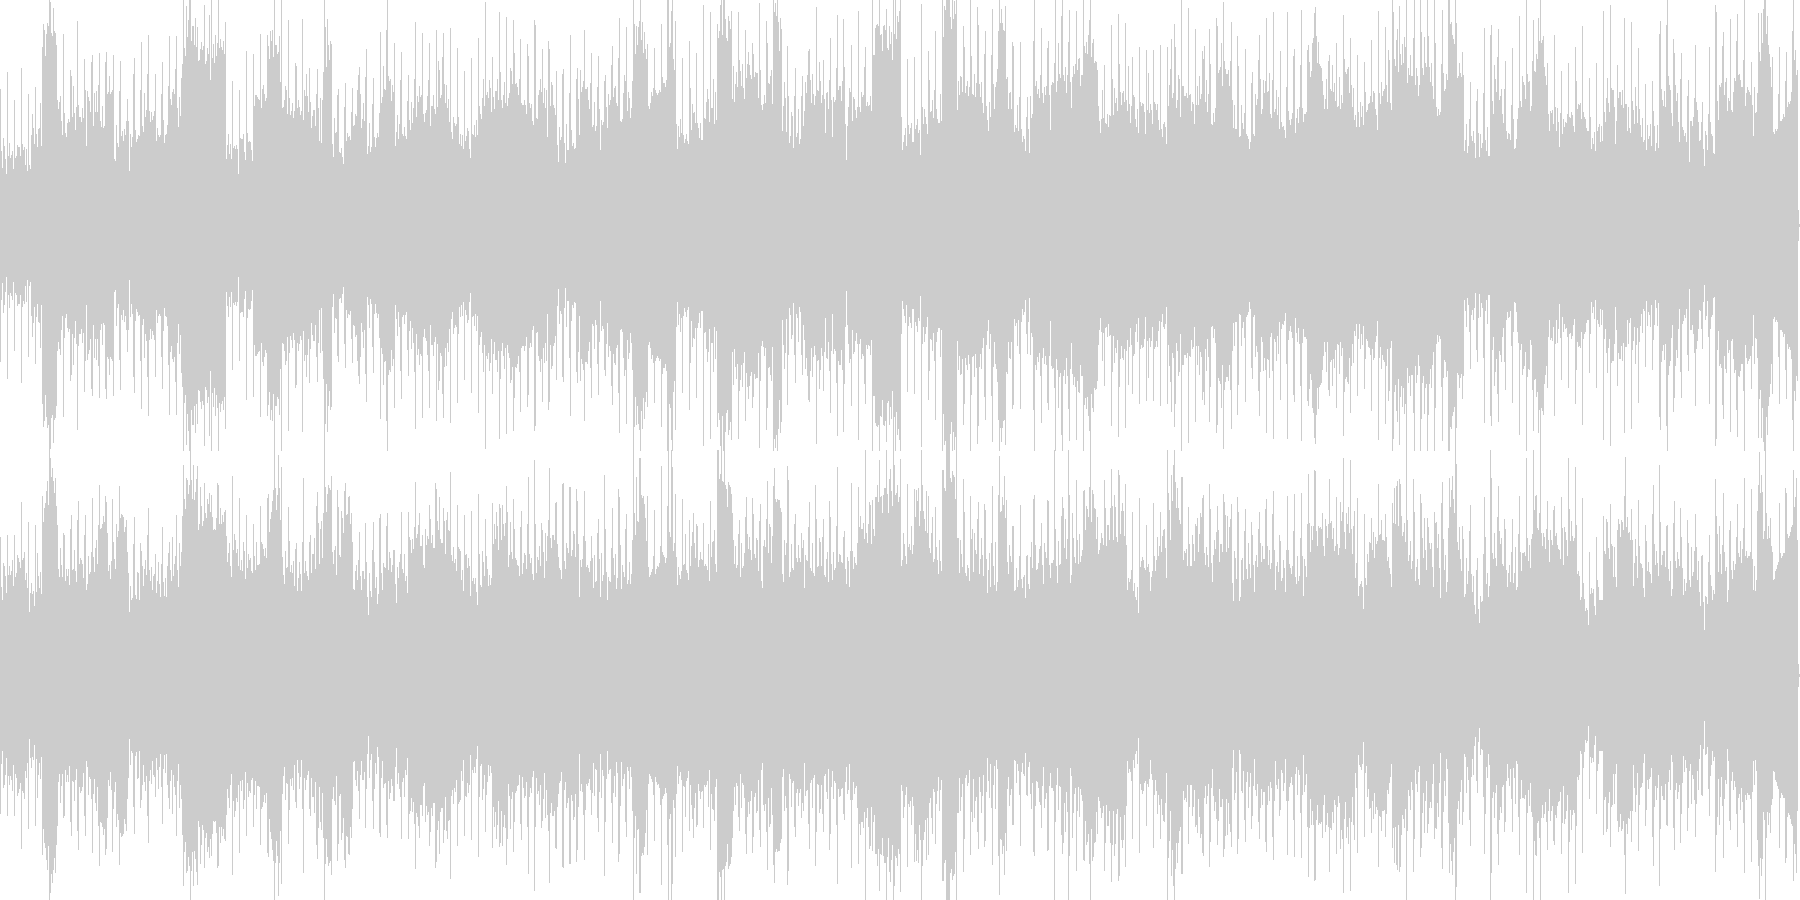 浮遊感のあるエレクトロ系BGMの未再生の波形